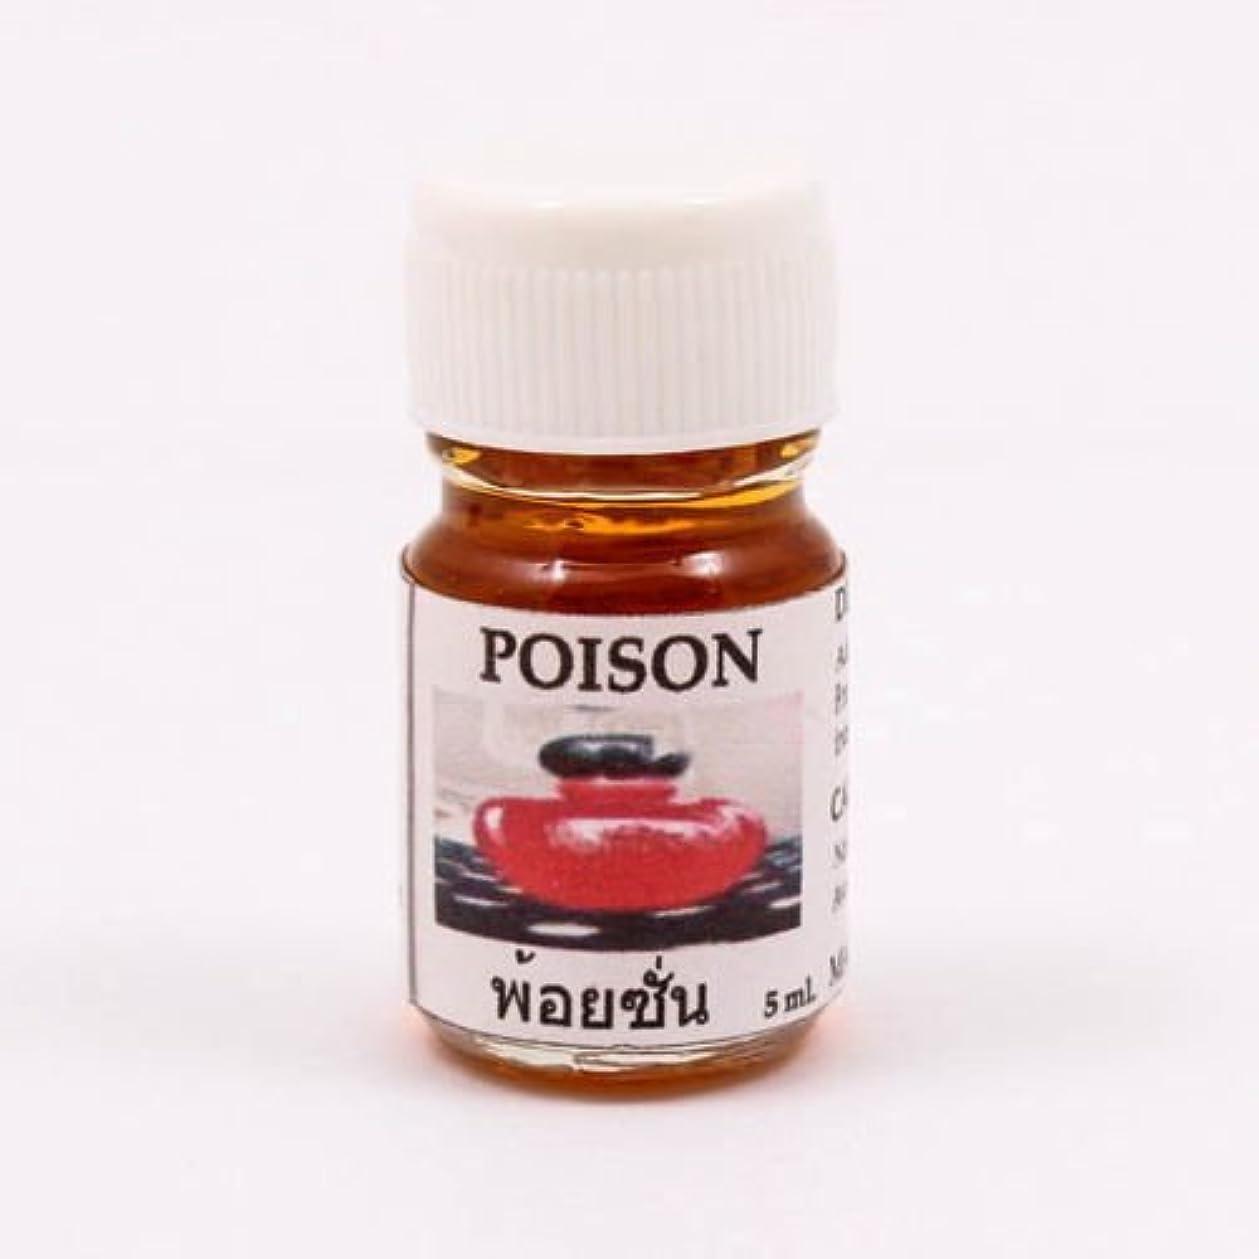 不十分な愚かレギュラー6X Poison Aroma Fragrance Essential Oil 5ML. (cc) Diffuser Burner Therapy